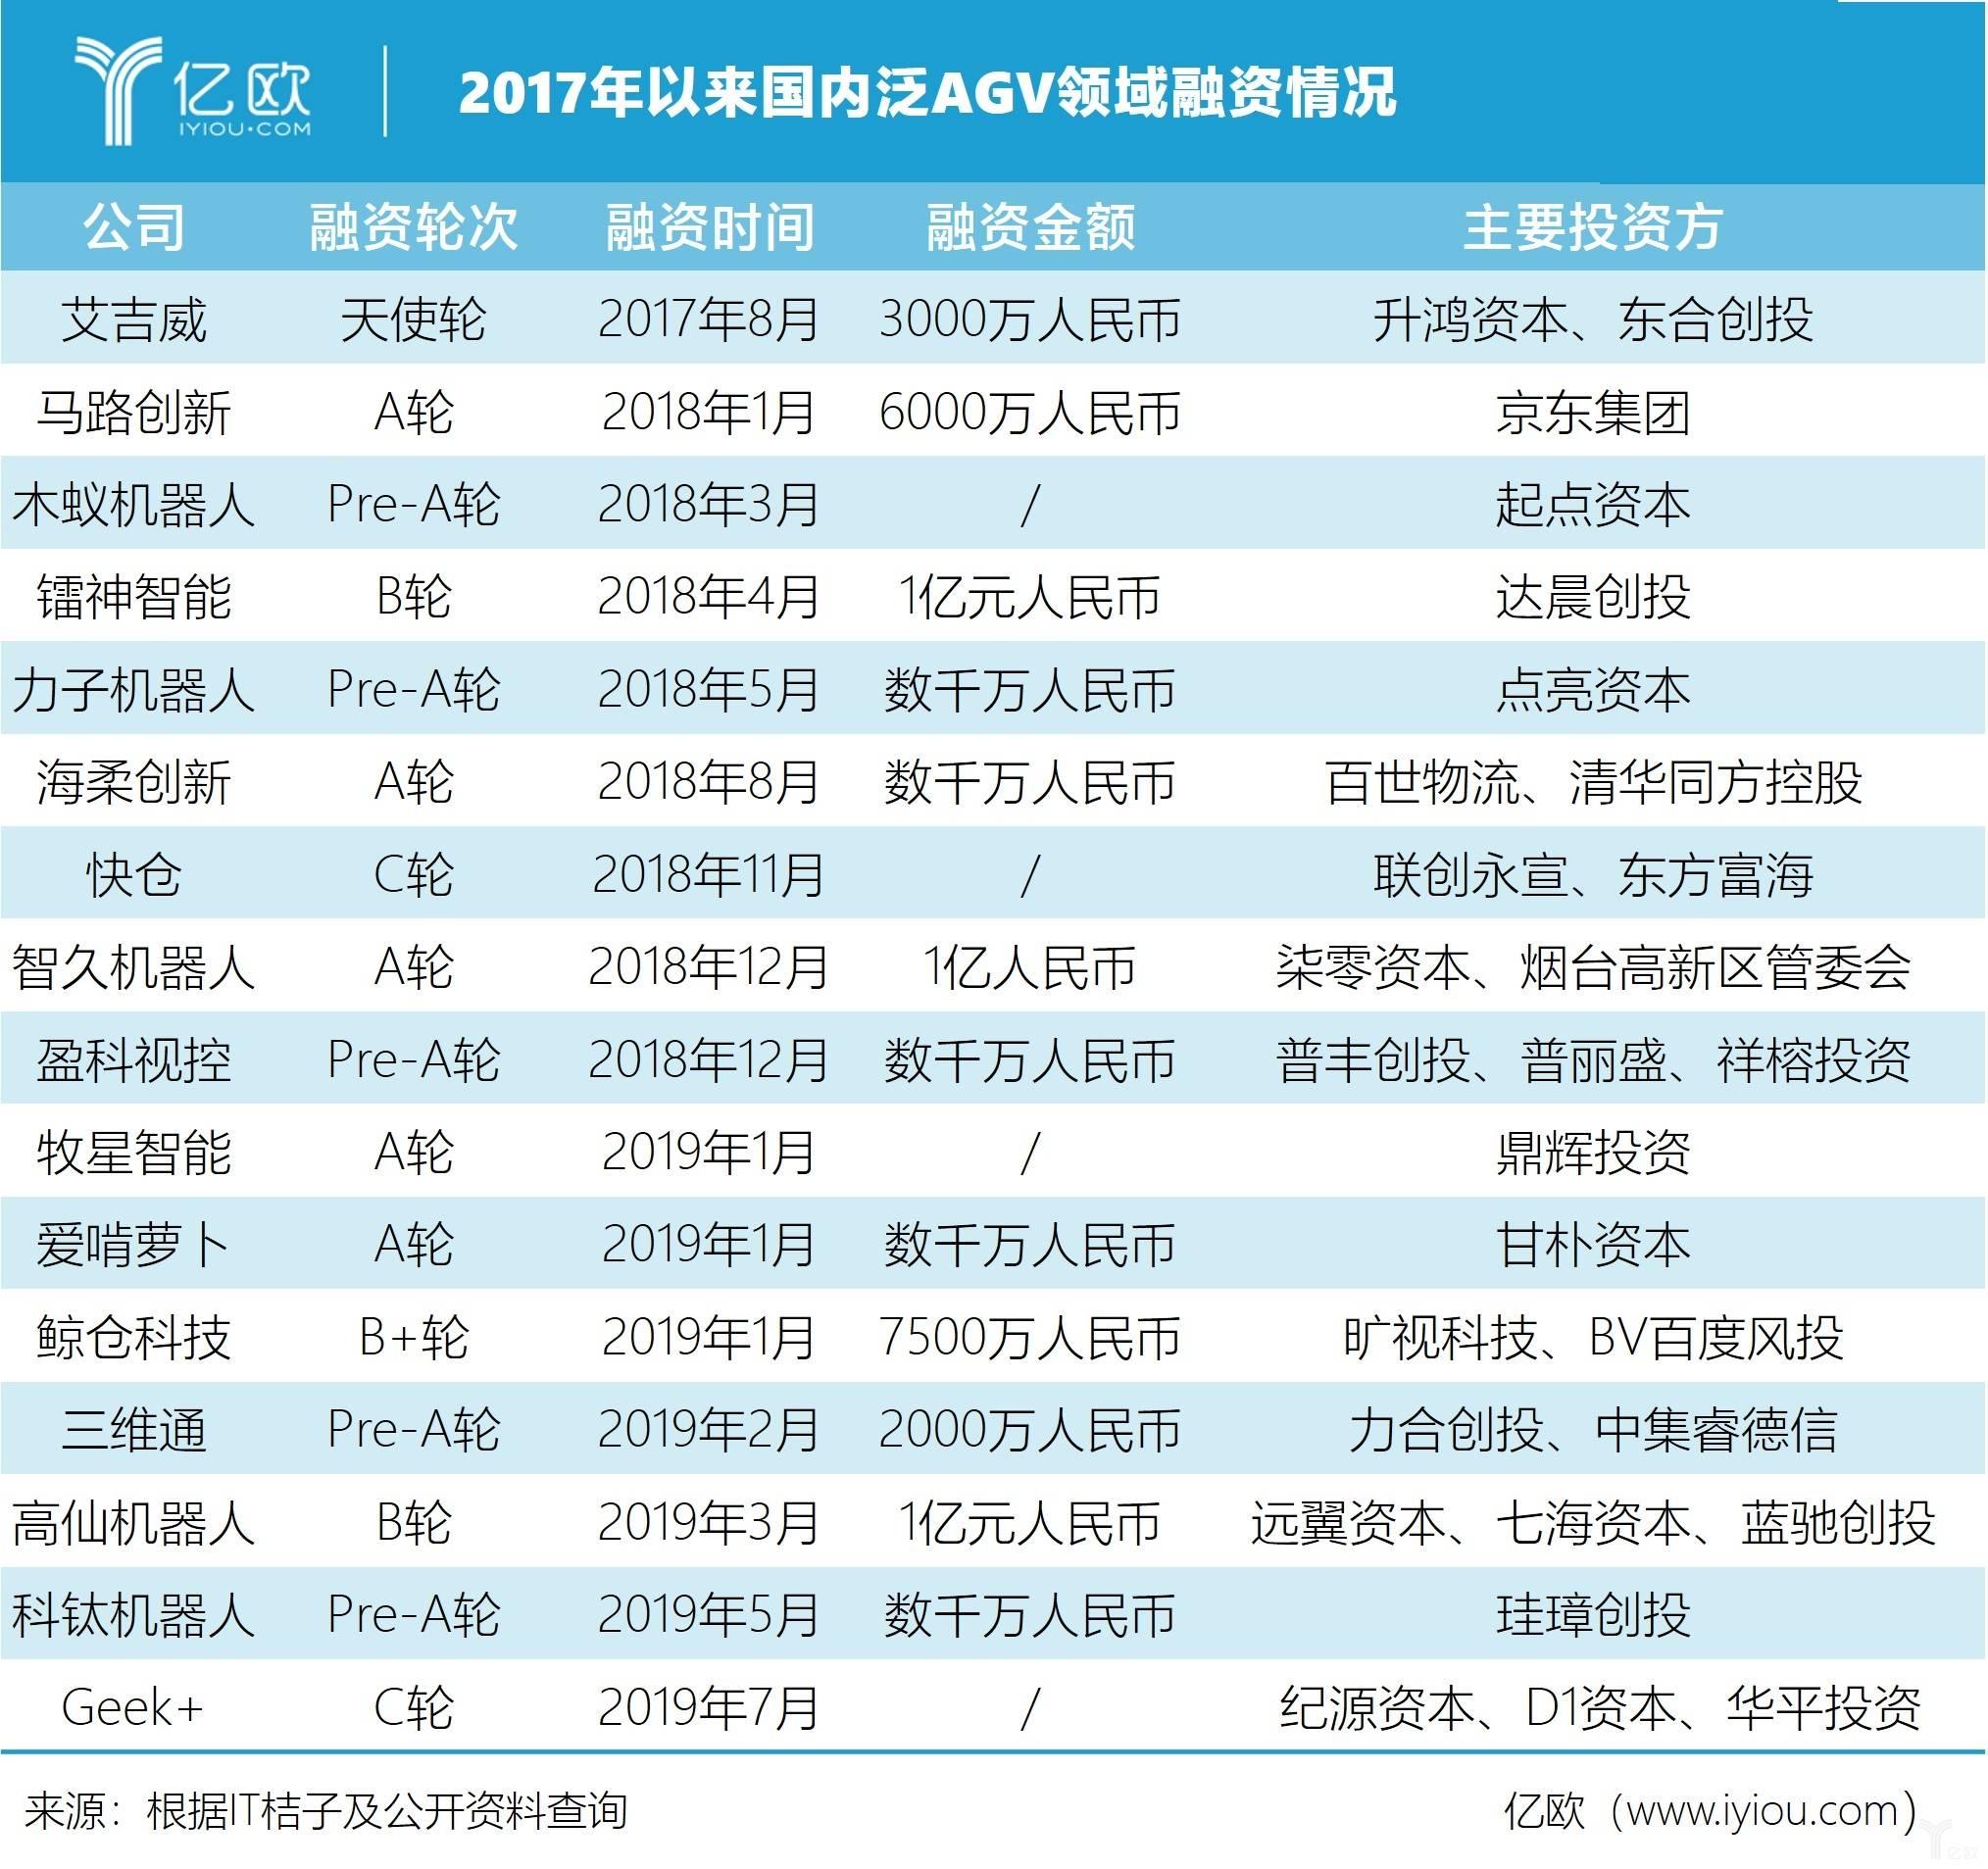 2017年以来国内泛AGV领域融资情况